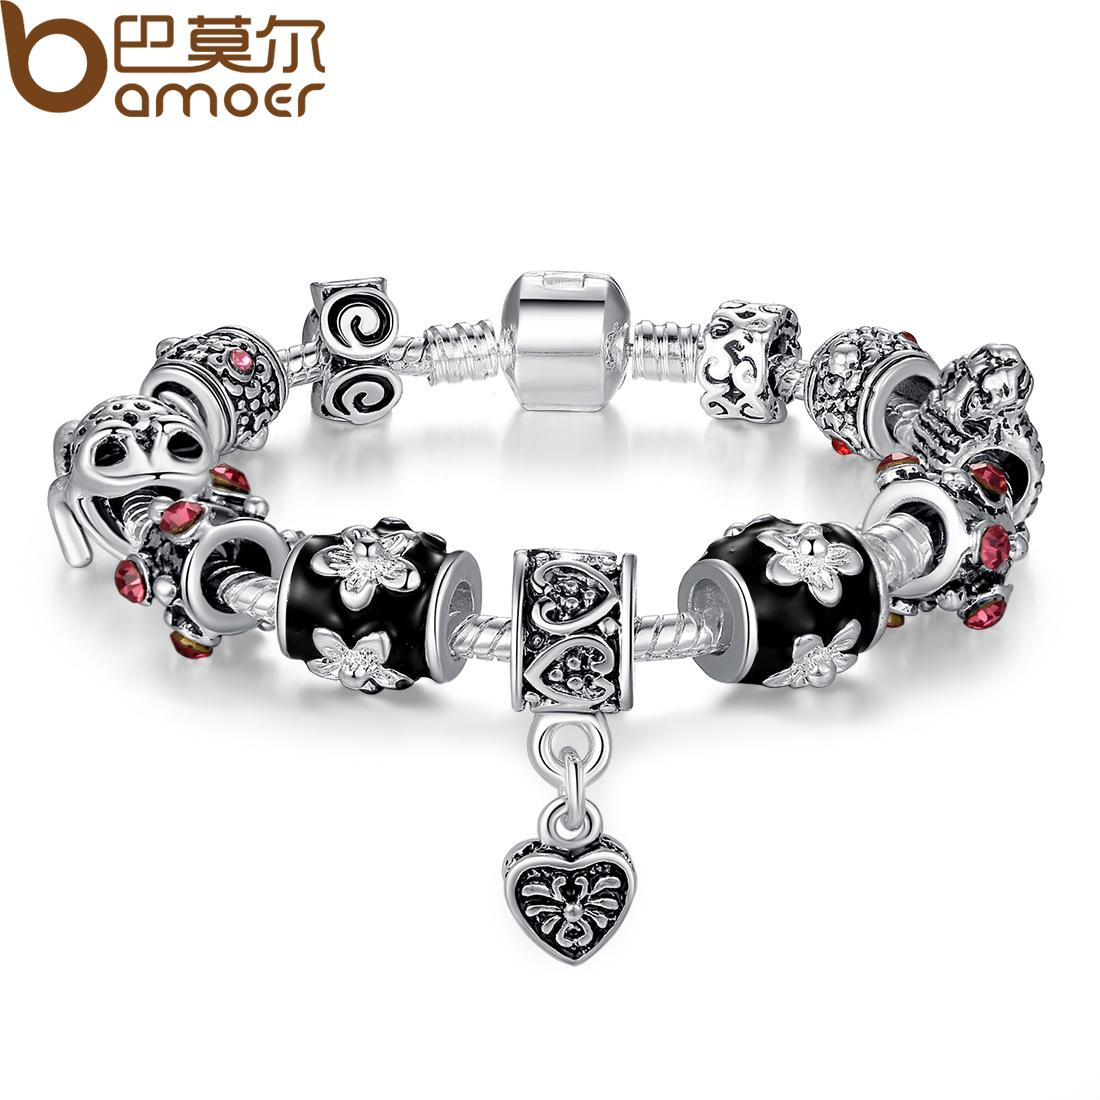 Новый Корейский моды ювелирные изделия мода ювелирные изделия новые стекла бисерные браслеты женщин милой принцессы мешок почта